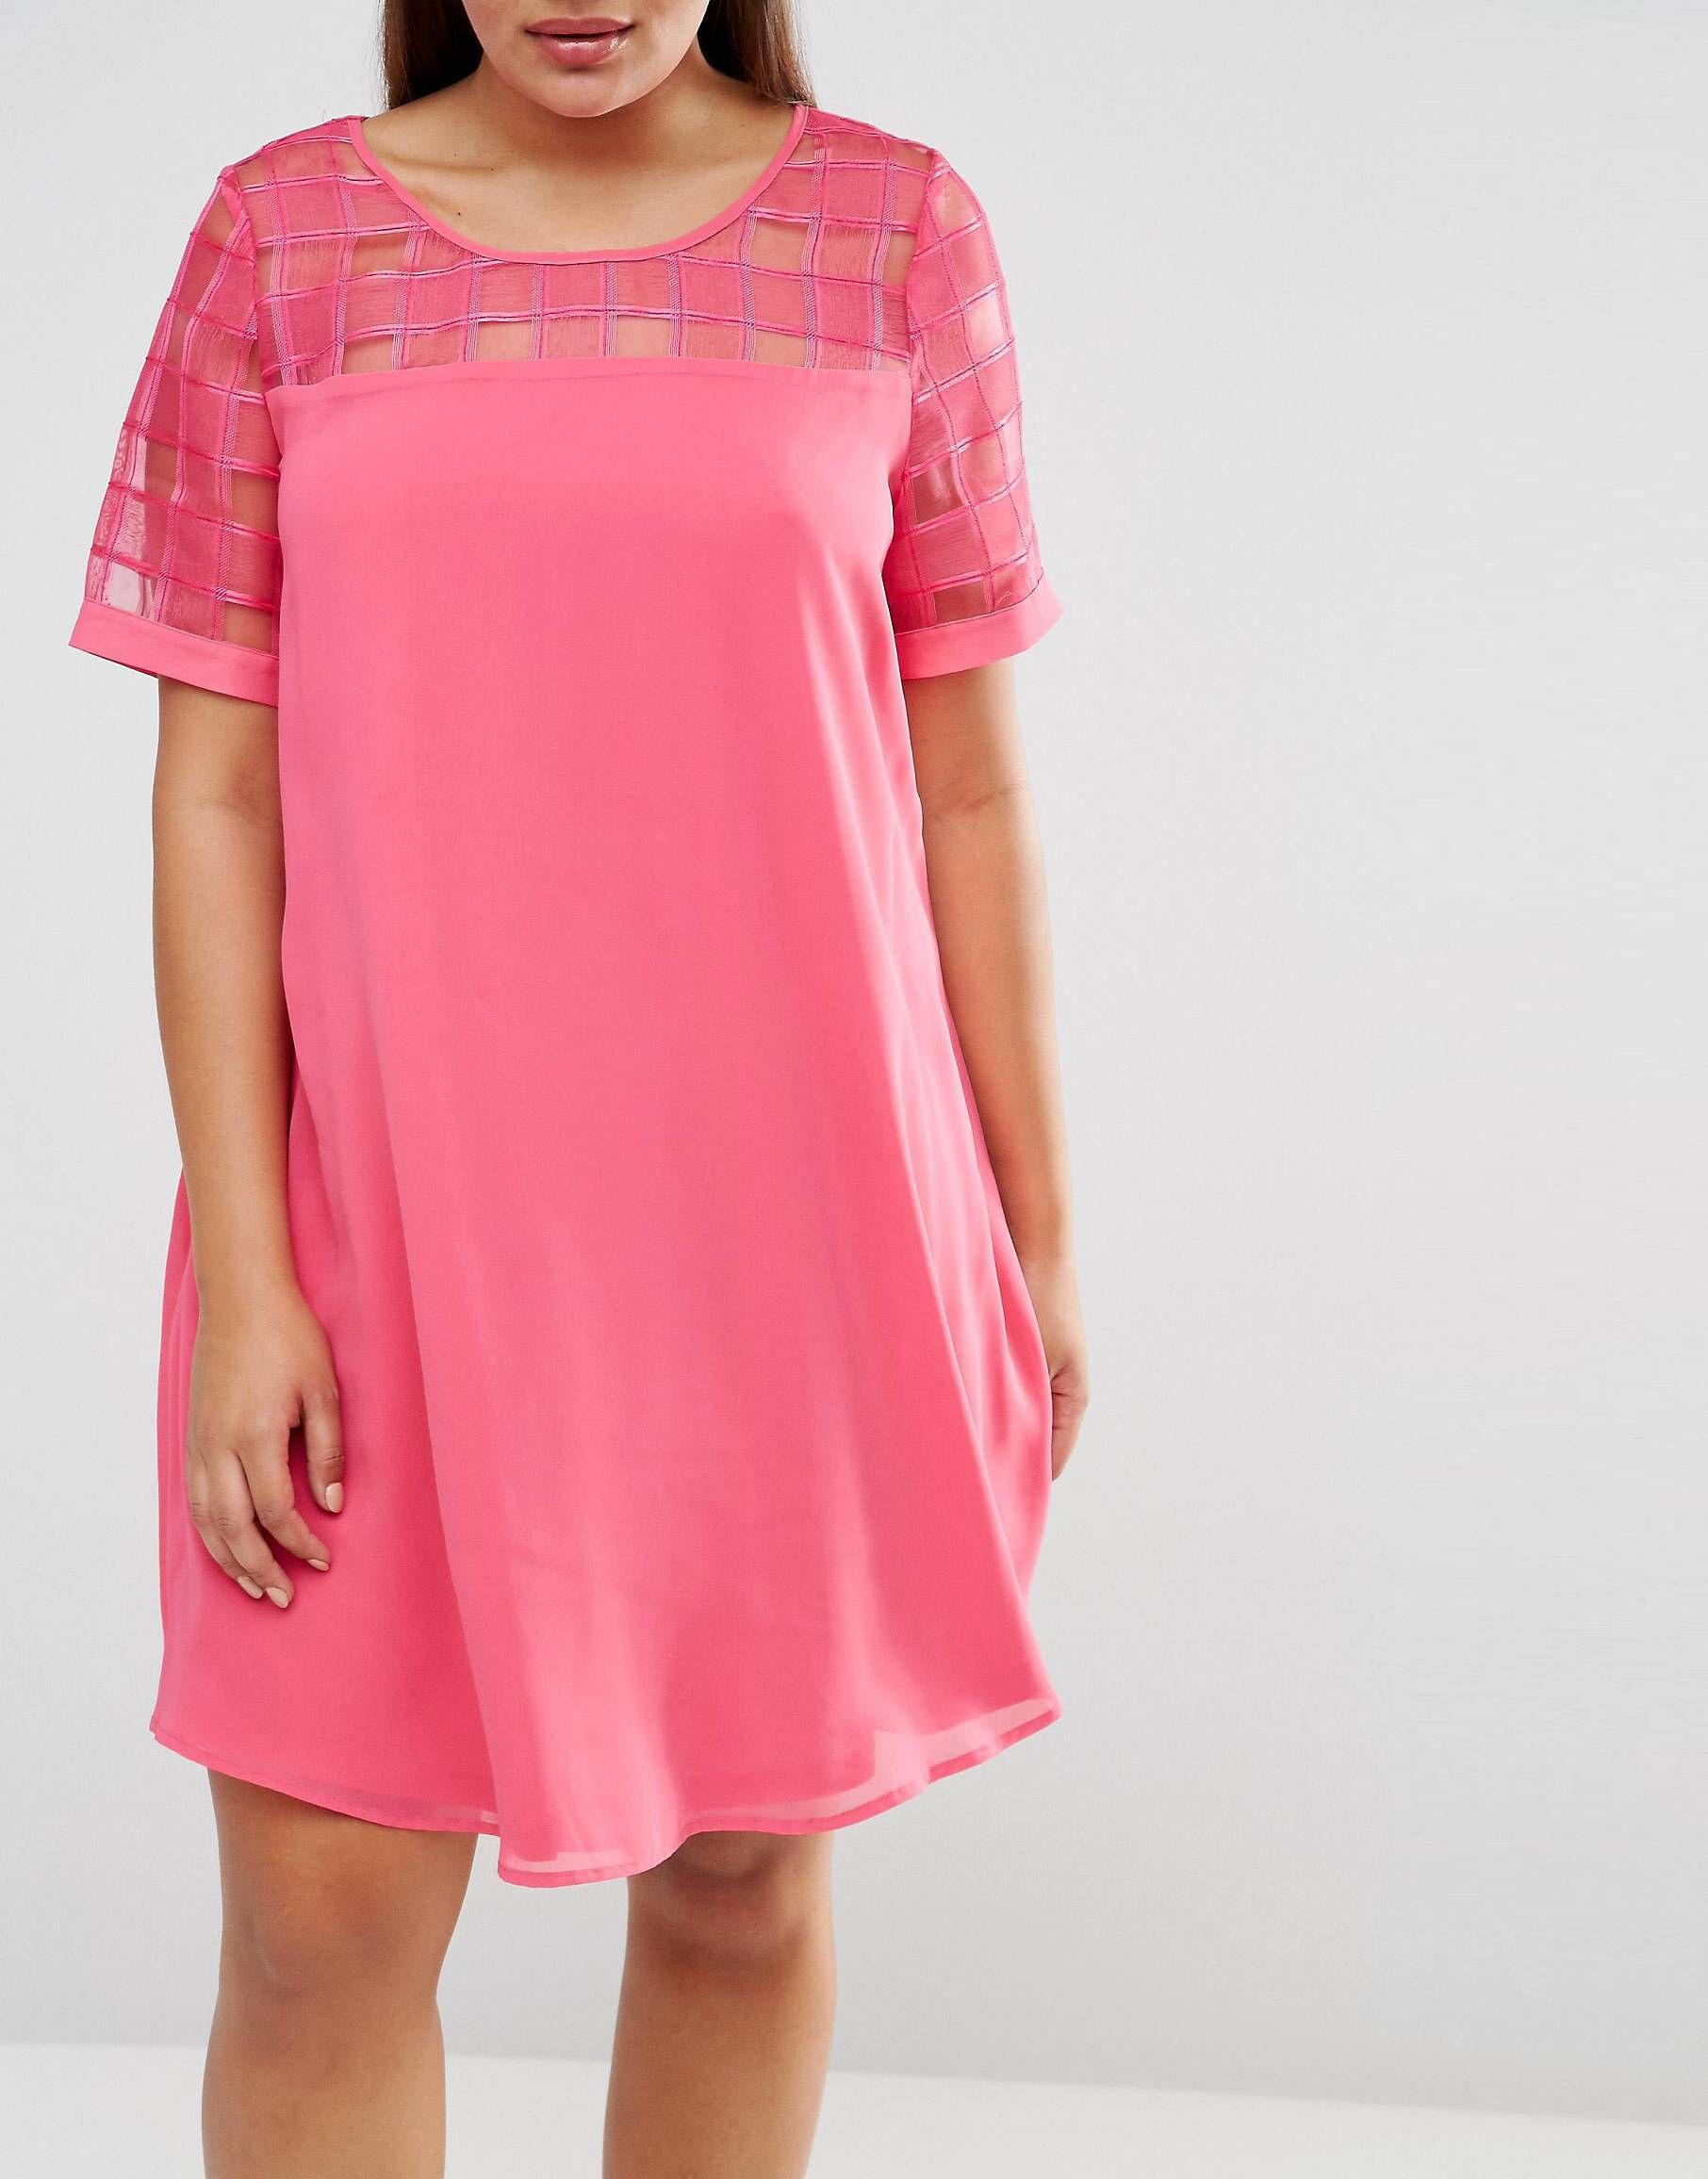 Vestido recto con aplicación de malla de Lovedrobe | Vestido recto ...